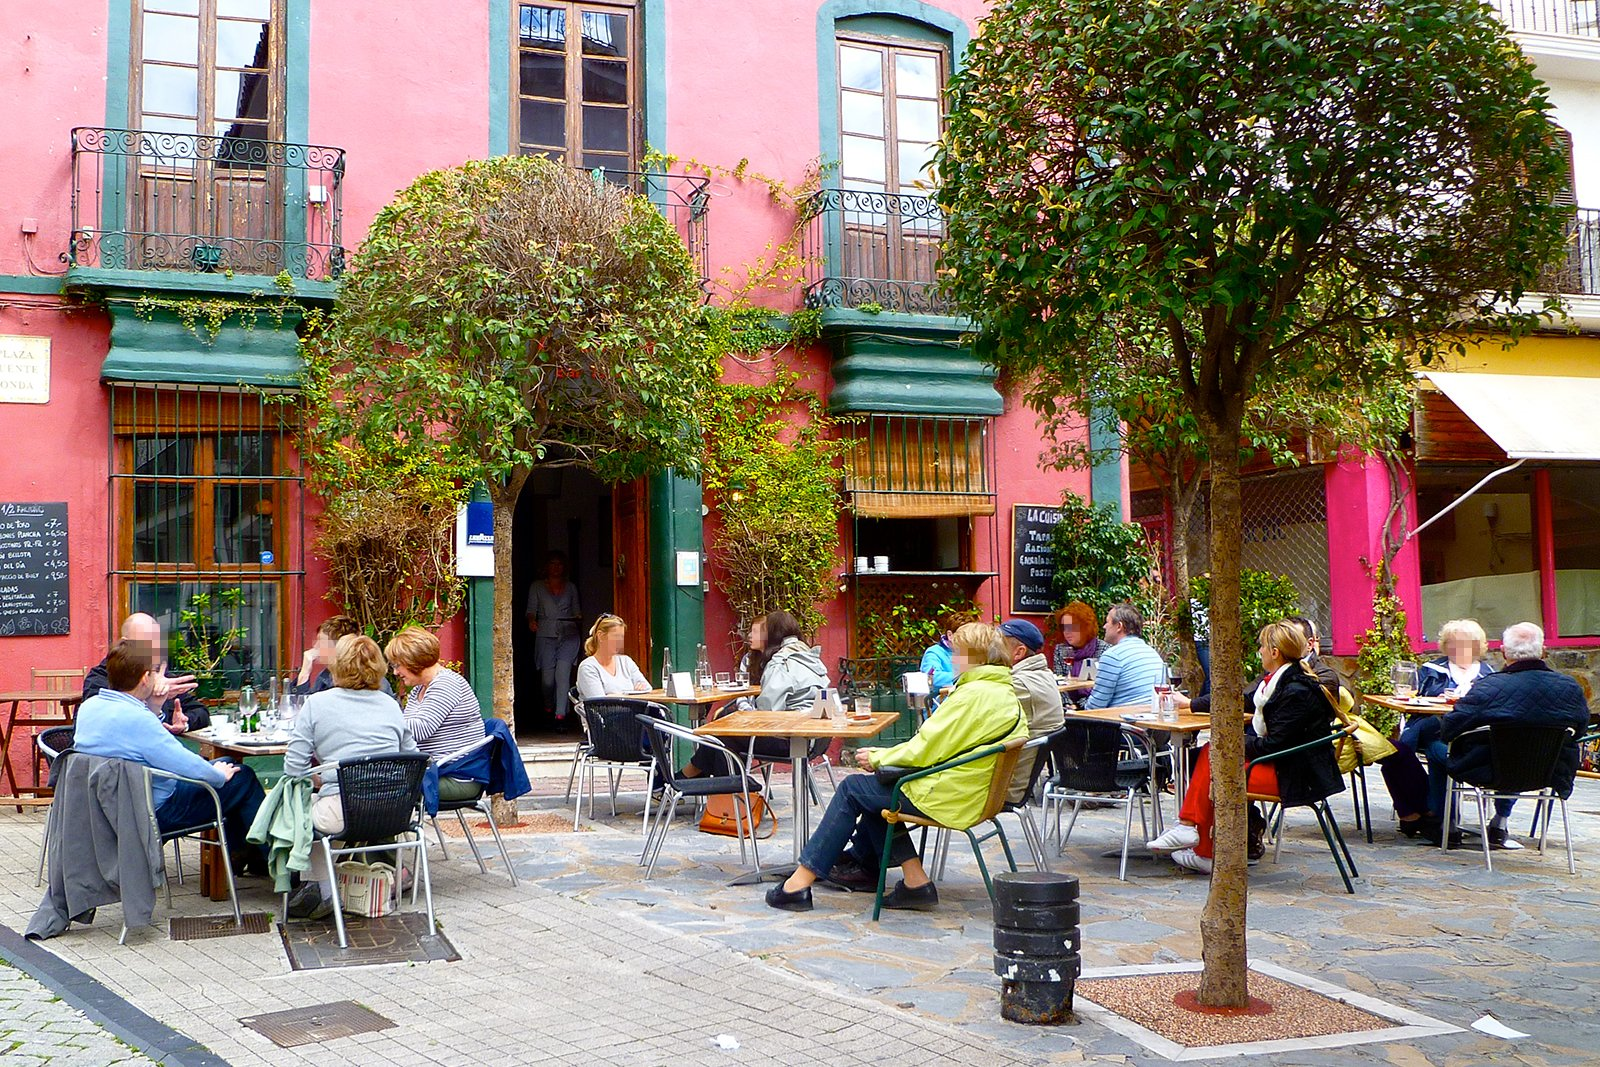 10 Tipps für einen perfekten Tag in Marbella - Wofür ist